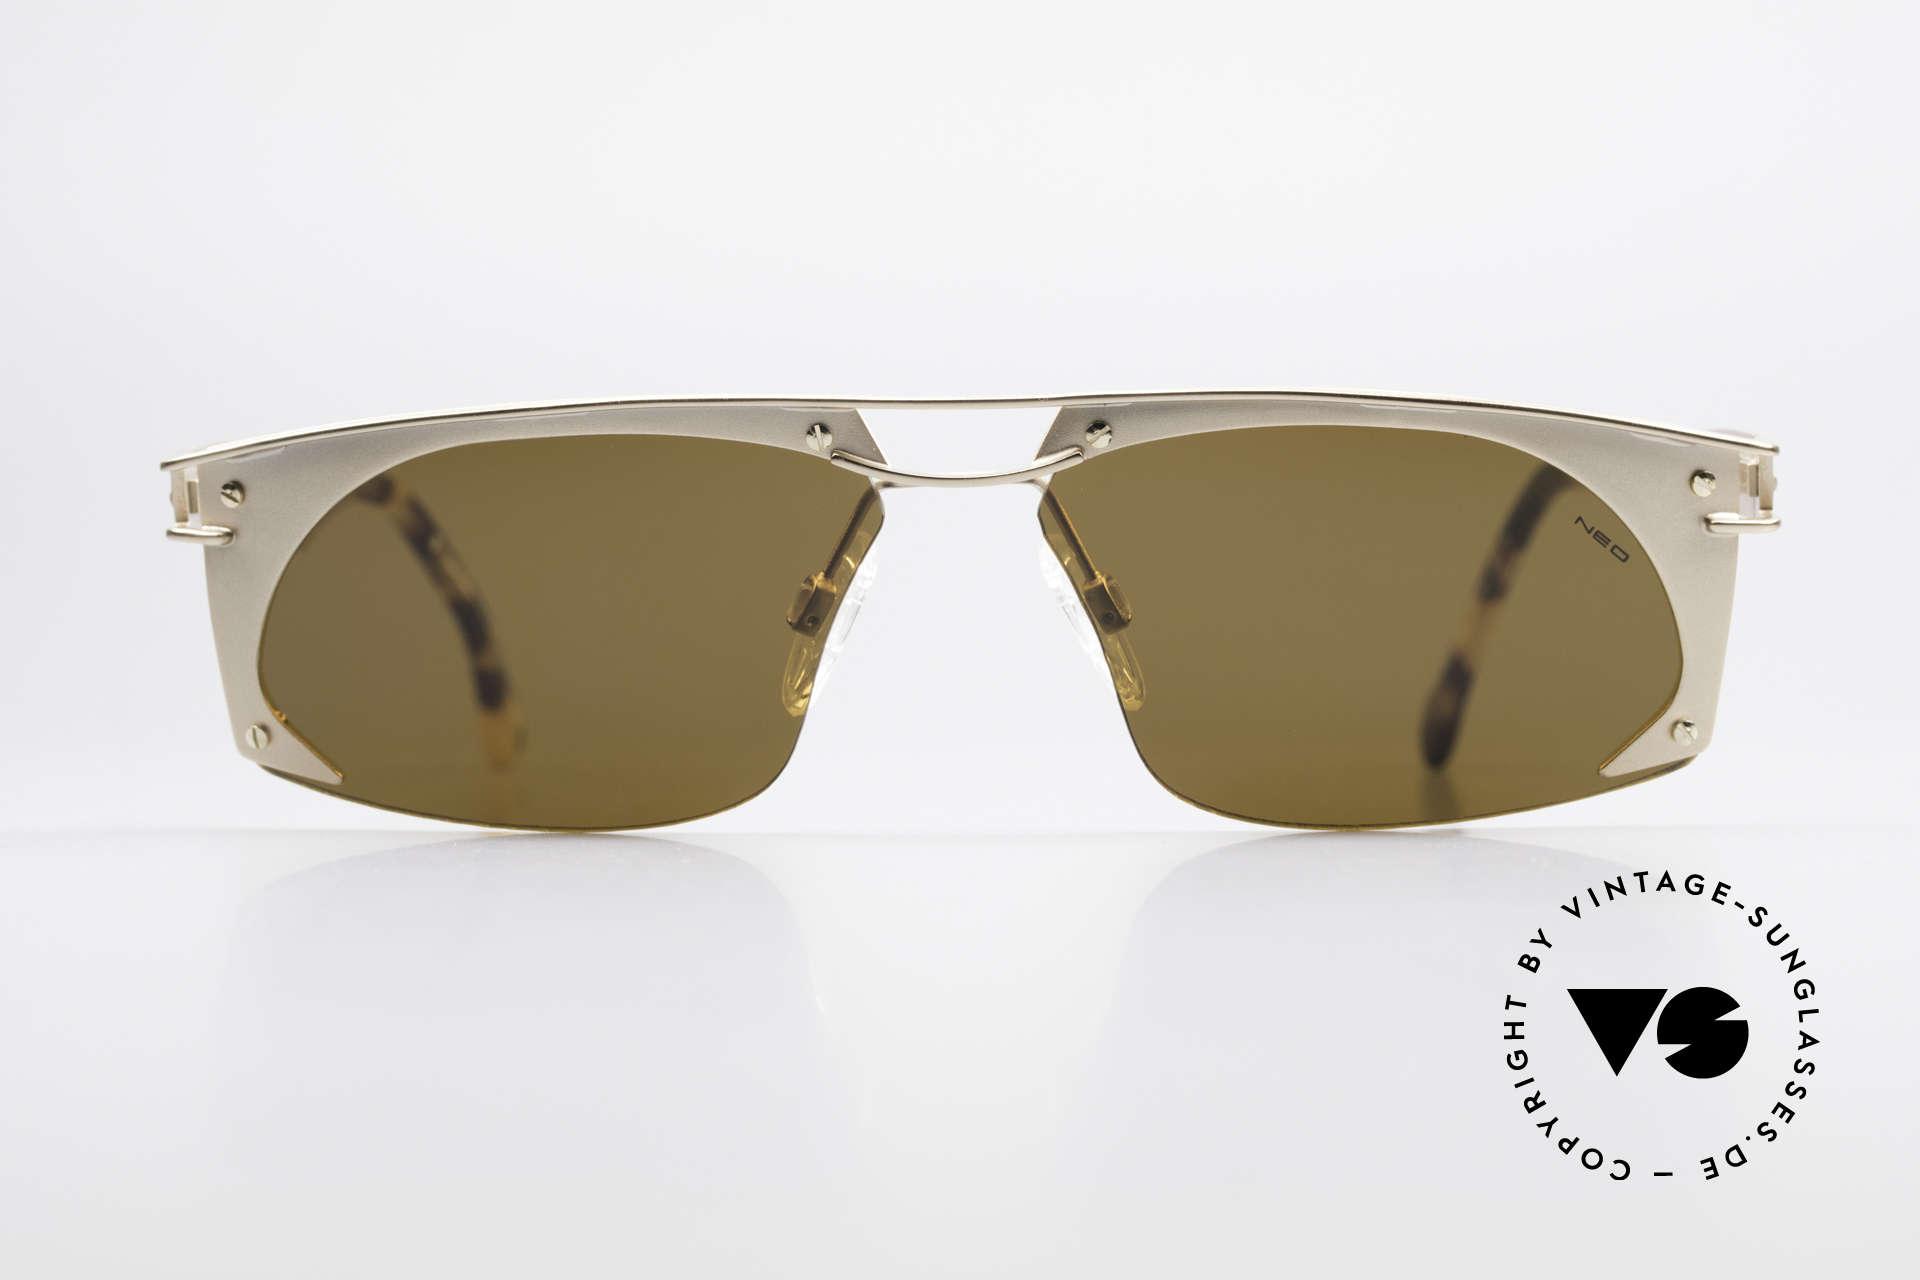 Neostyle Holiday 968 Steampunk 90er Sonnenbrille, spektakuläres Rahmen-Design im 'Industrial-Stil', Passend für Herren